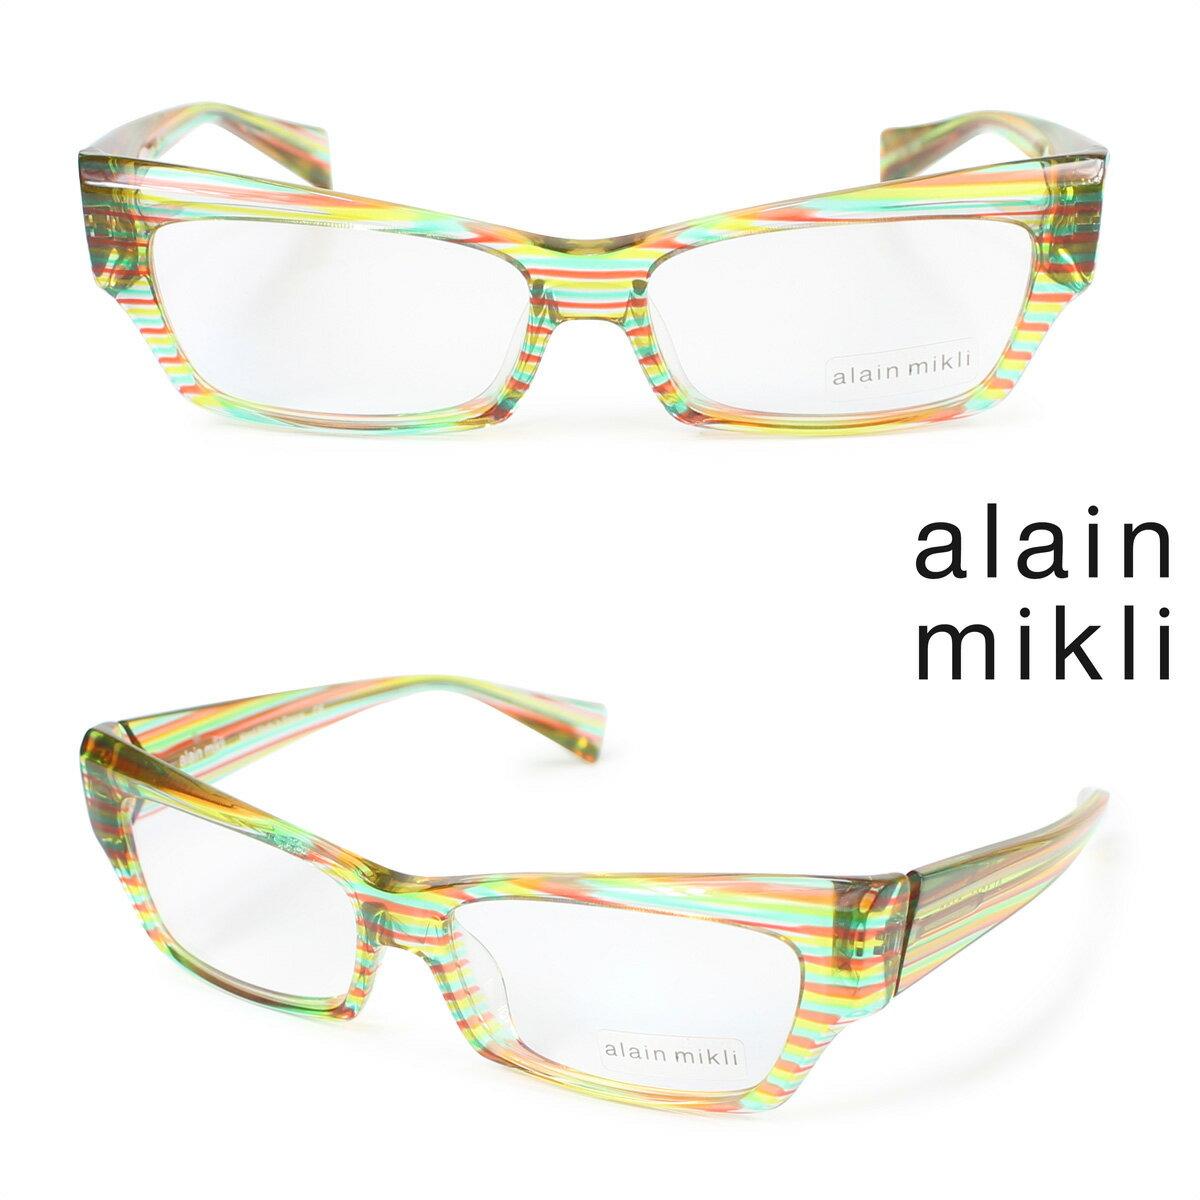 8230d1e22e8db アランミクリ メガネ alain mikli メガネフレーム 眼鏡 フランス製 メンズ レディース 再入荷即納